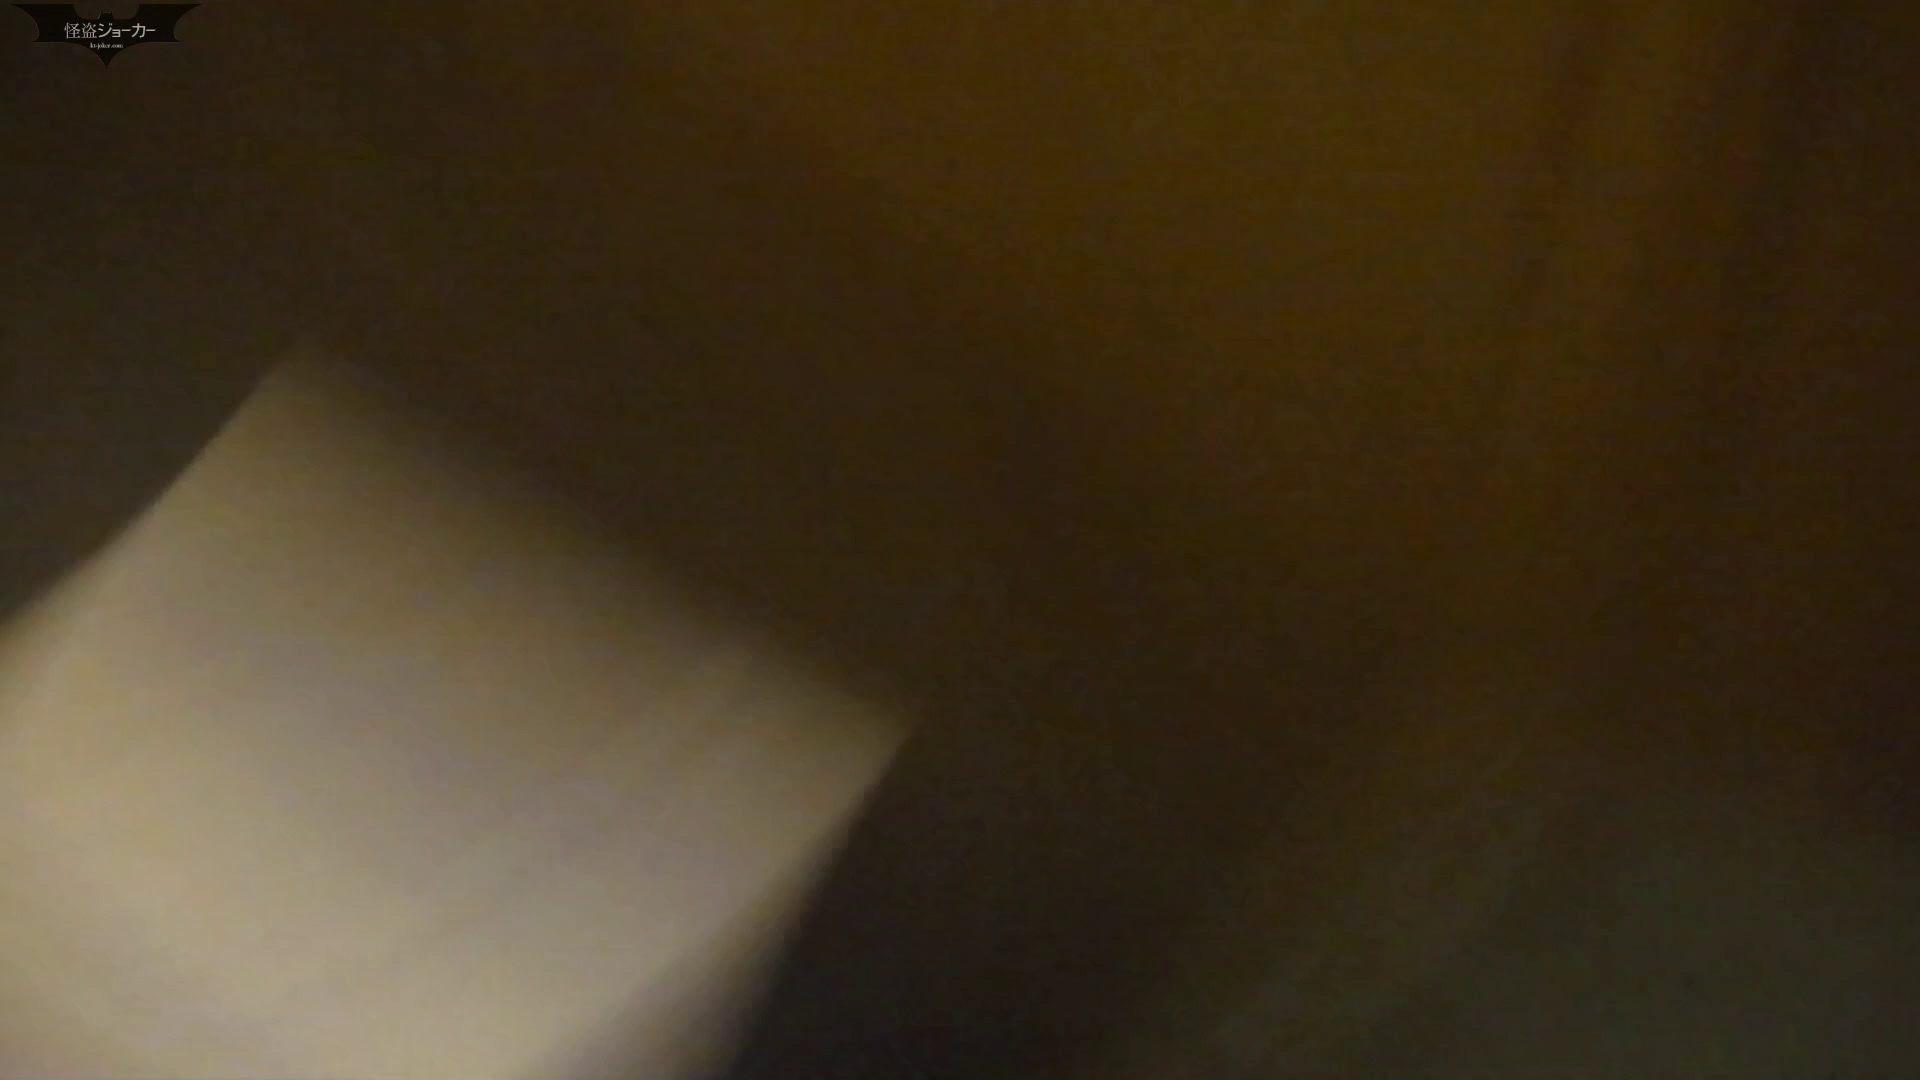 阿国ちゃんの和式洋式七変化 Vol.25 ん?突起物が・・・。 色っぽいOL達 のぞき動画画像 55pic 26